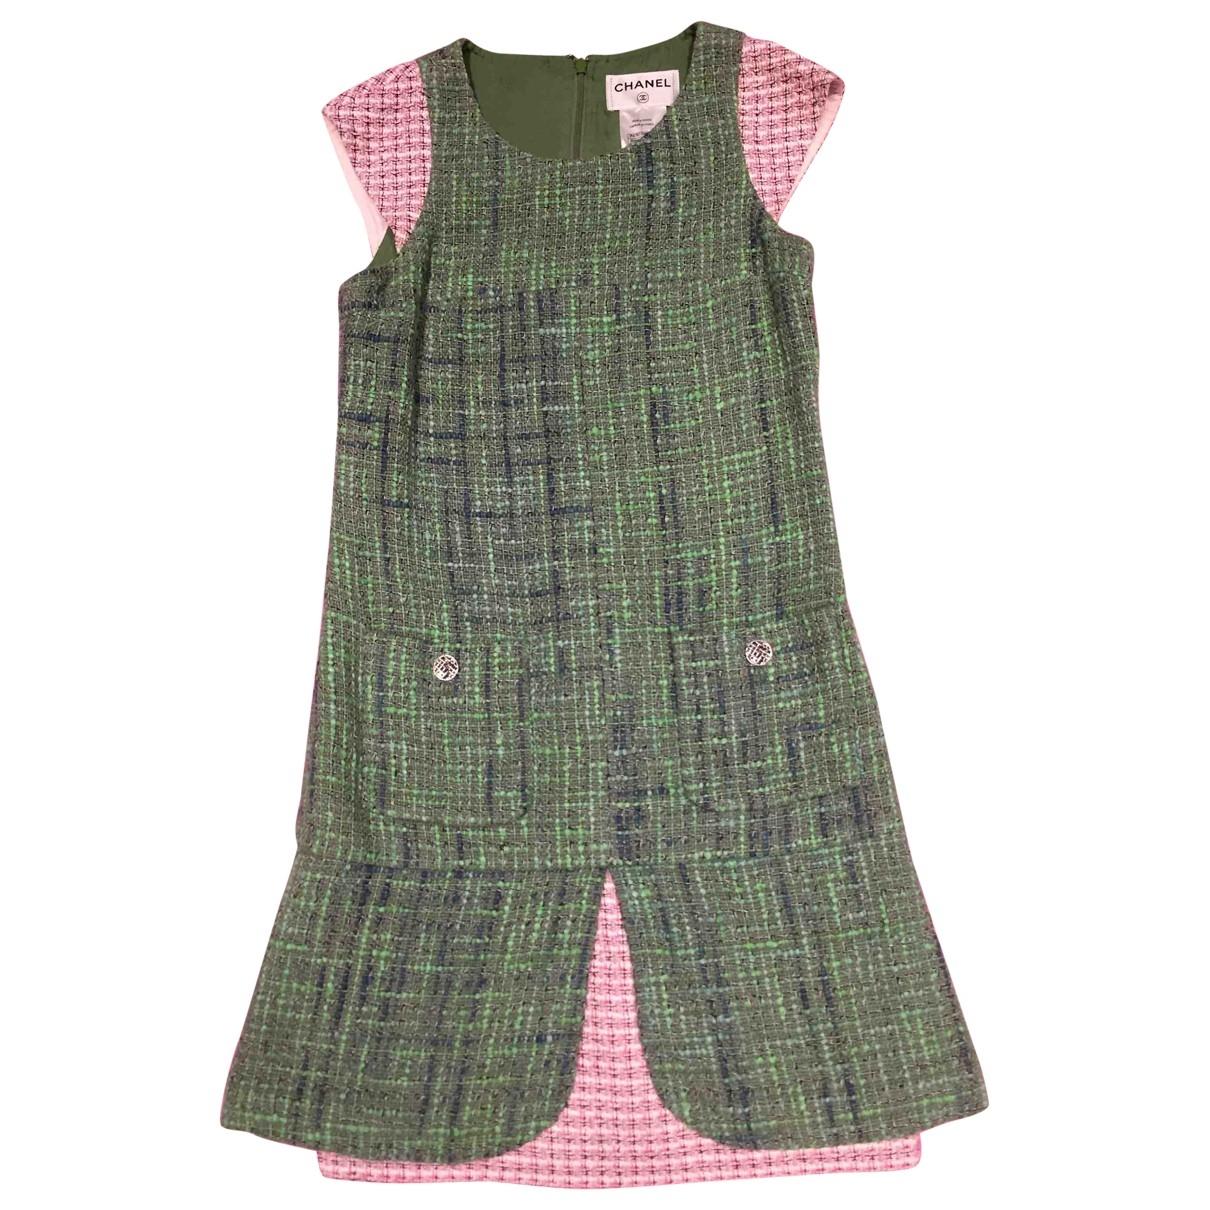 Chanel \N Kleid in  Gruen Tweed